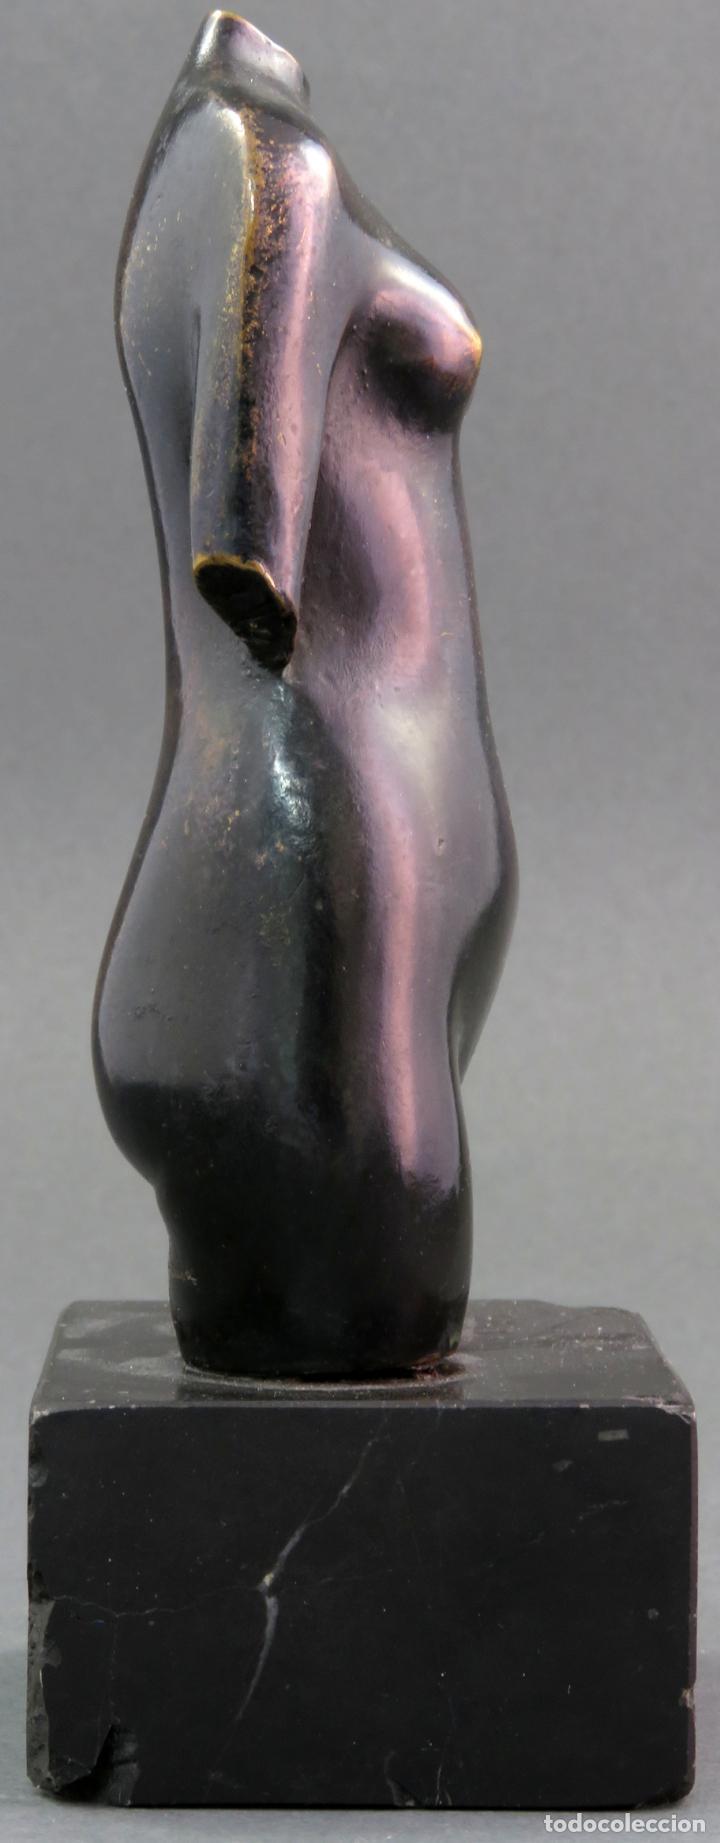 Arte: Escultura Torso femenino en bronce ejemplar N 20 Jose Luis Fernandez con certificado autor - Foto 5 - 136033042